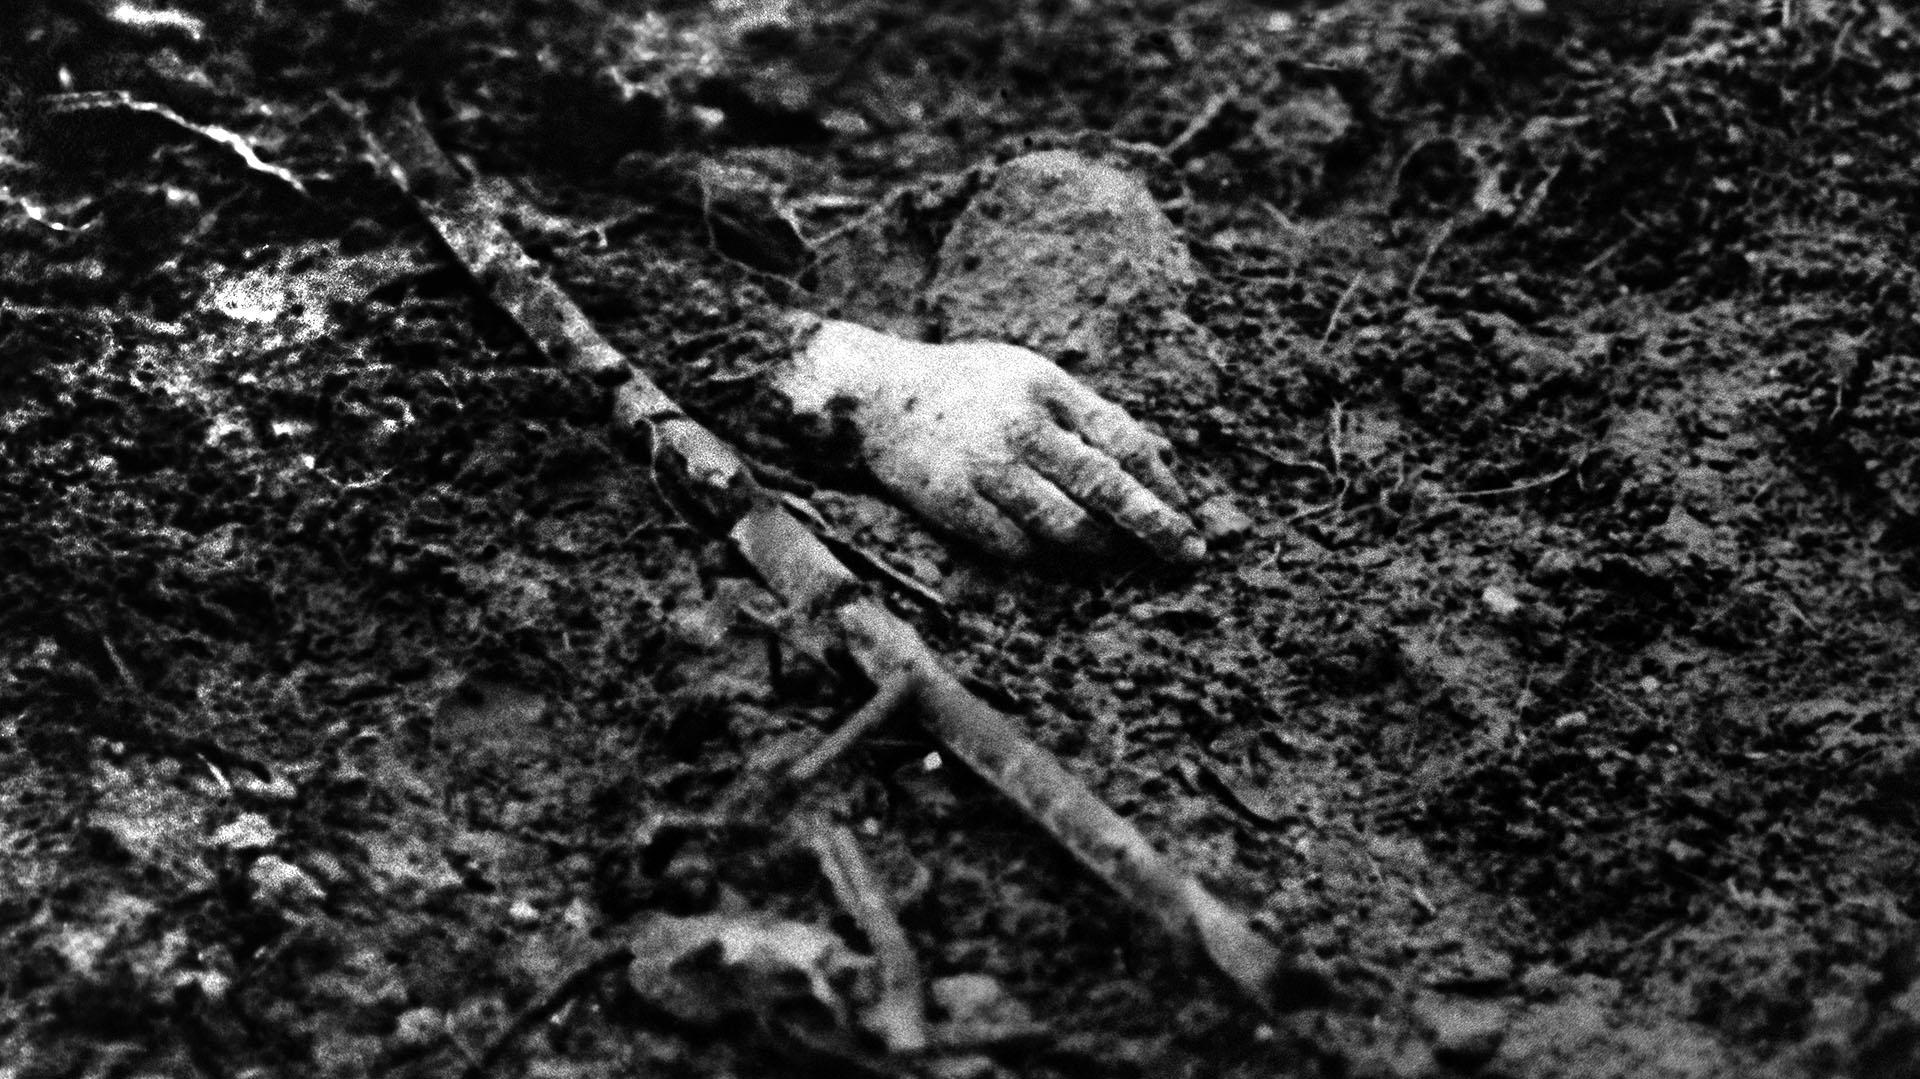 Las batallas más mortíferas y decisivas de la primera guerra mundial se libraron en Europa, en el frente occidental rozando los fangosos campos del norte de Francia y Bélgica (STF / AFP)